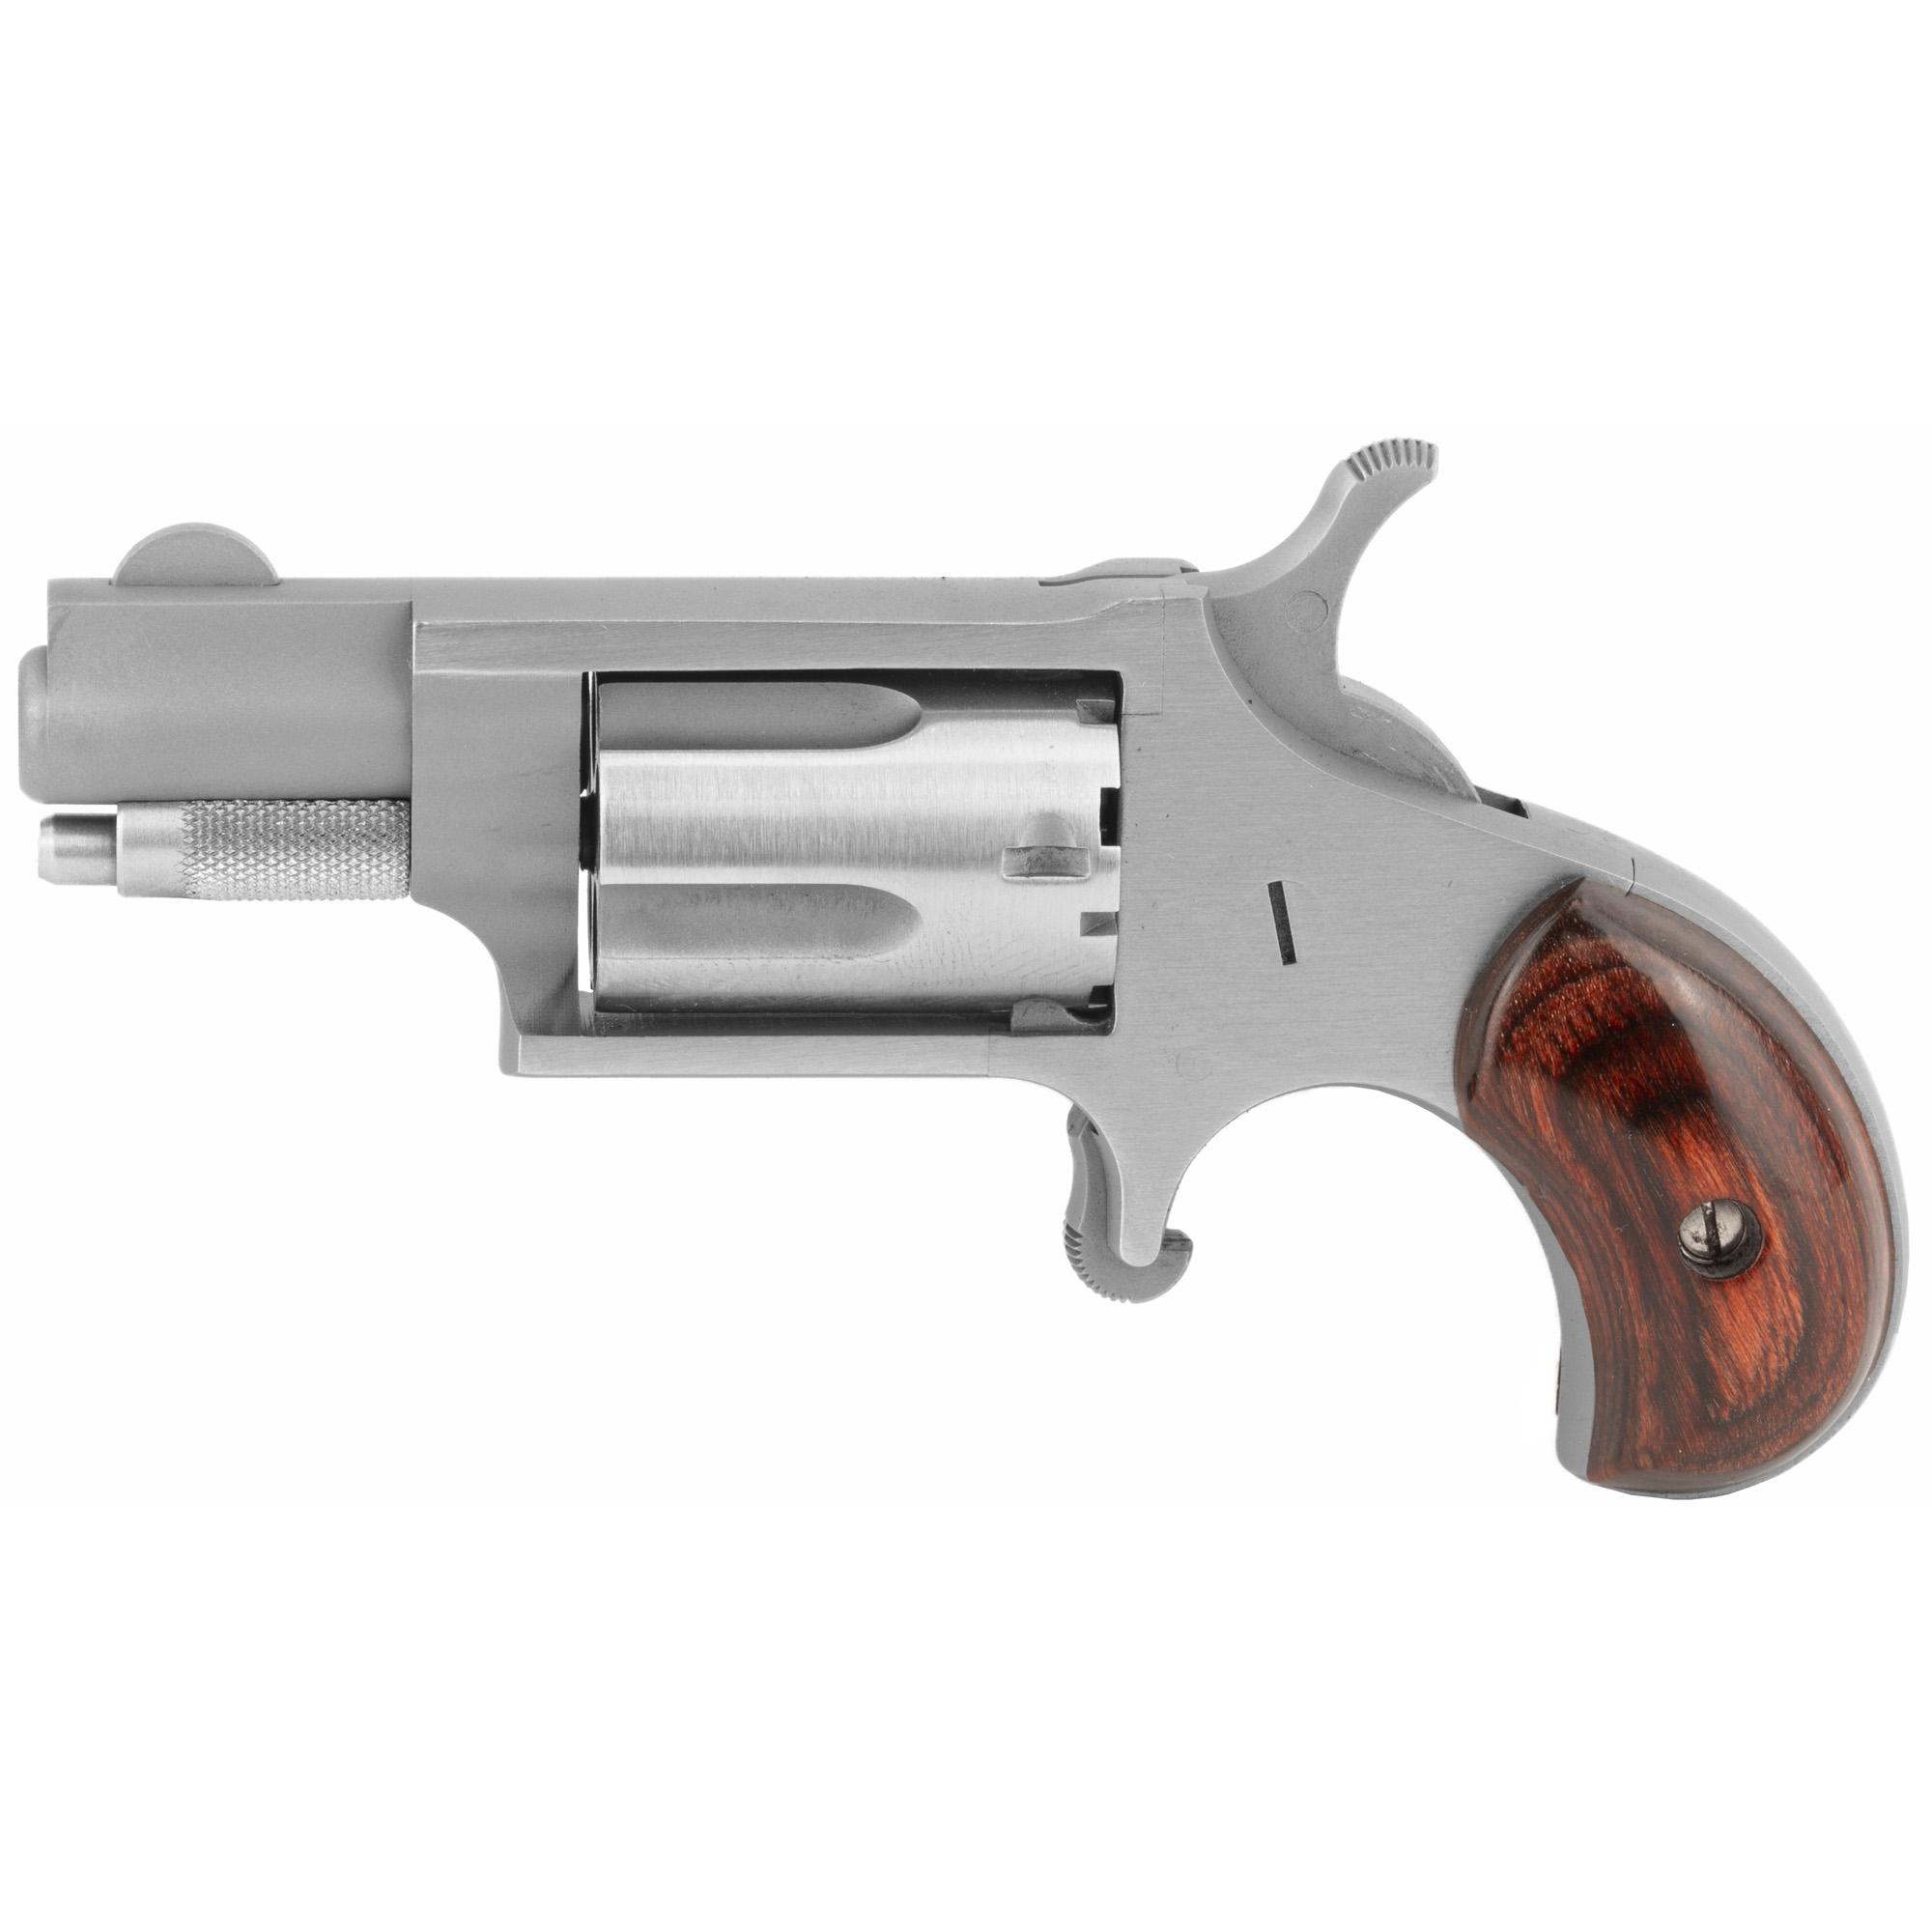 NAA 22LR Mini-Revolver *CA Compliant 22 LR 5rd 1.13